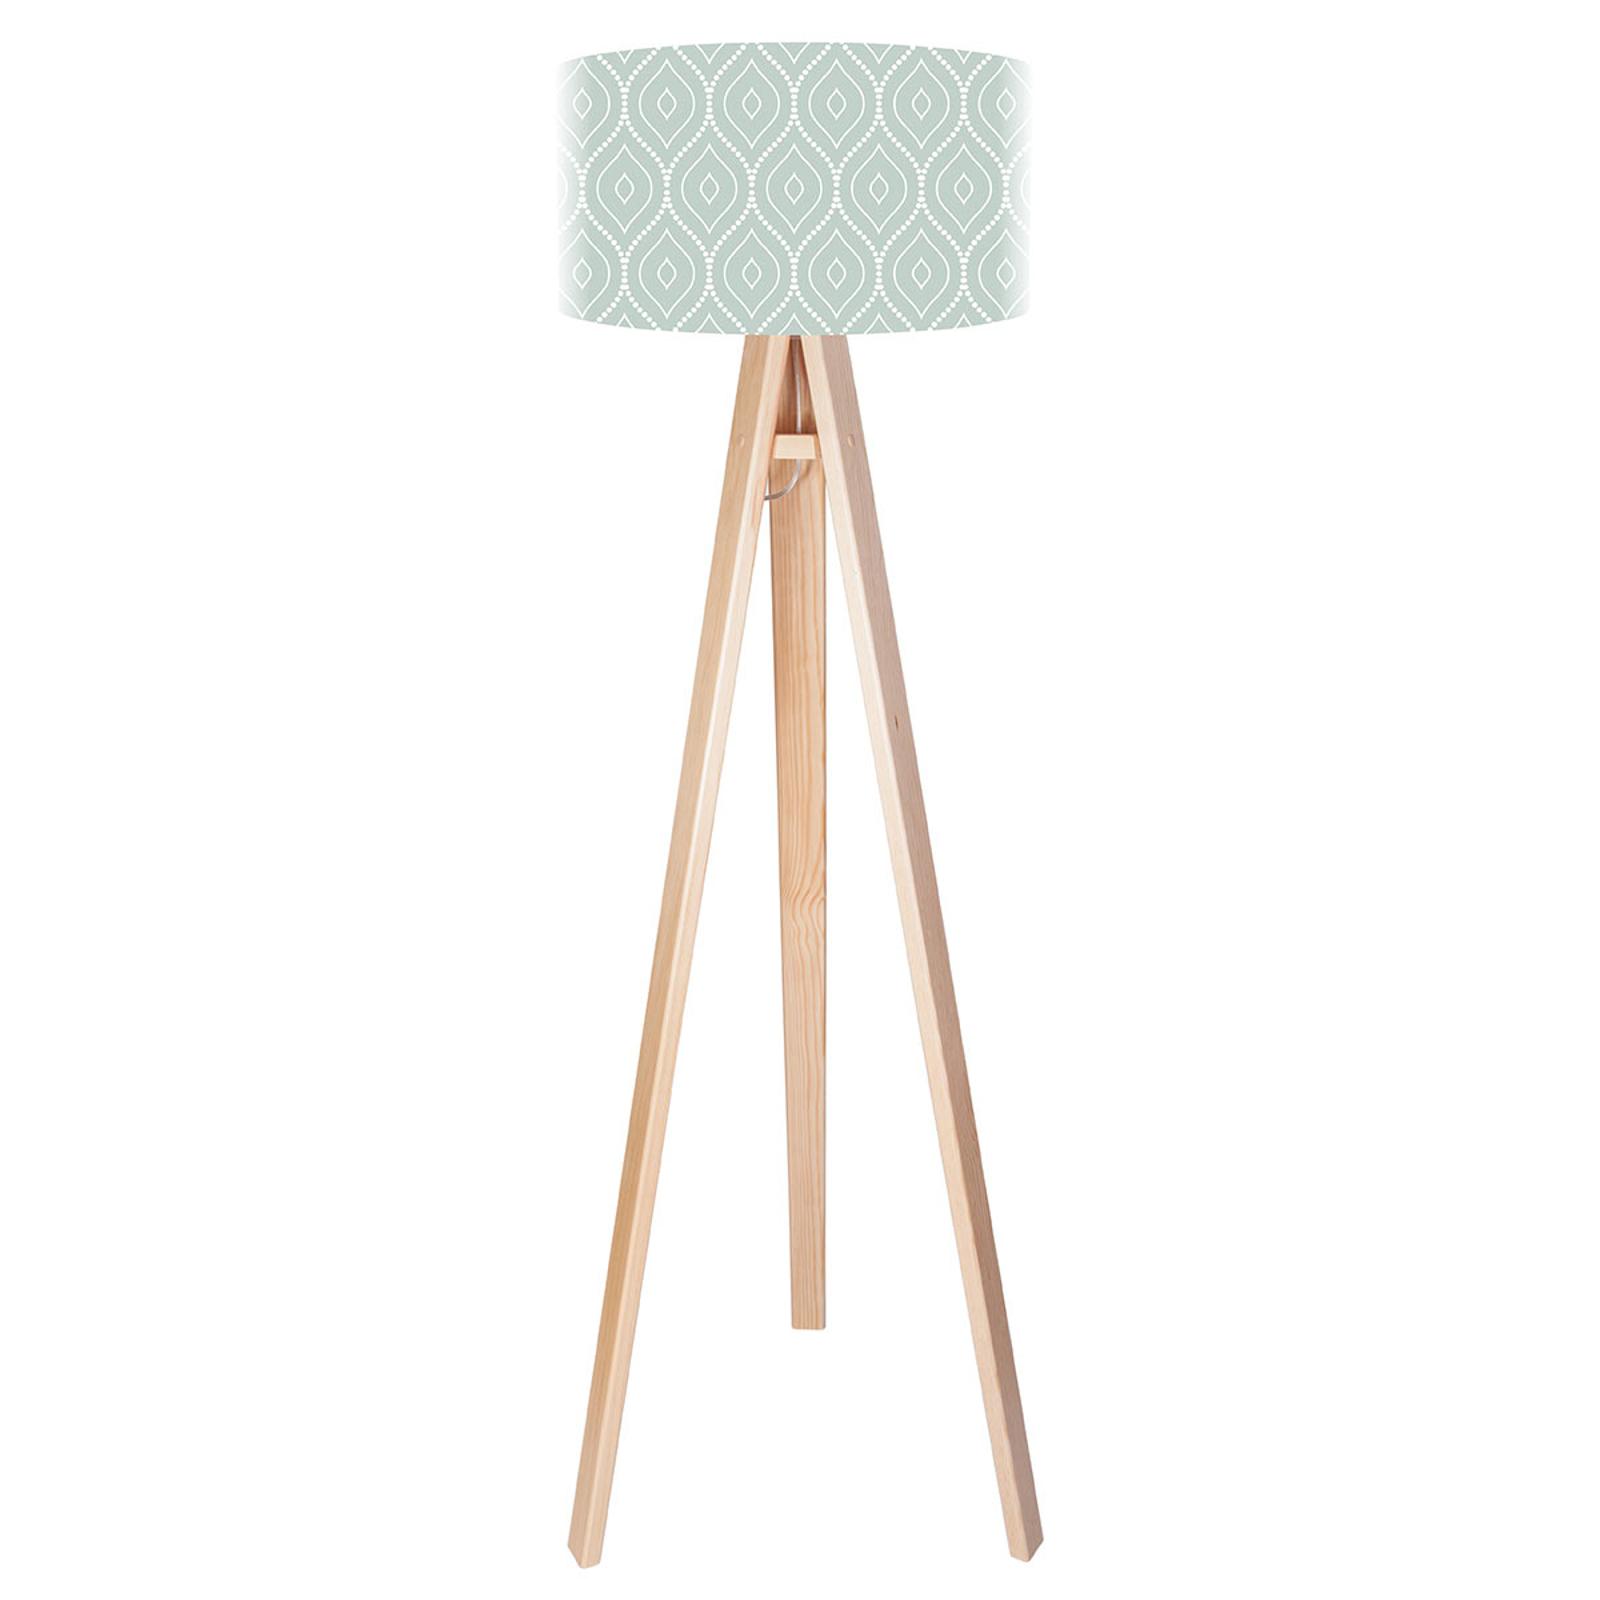 Trójnożna lampa podłogowa Rena zadrukowany klosz